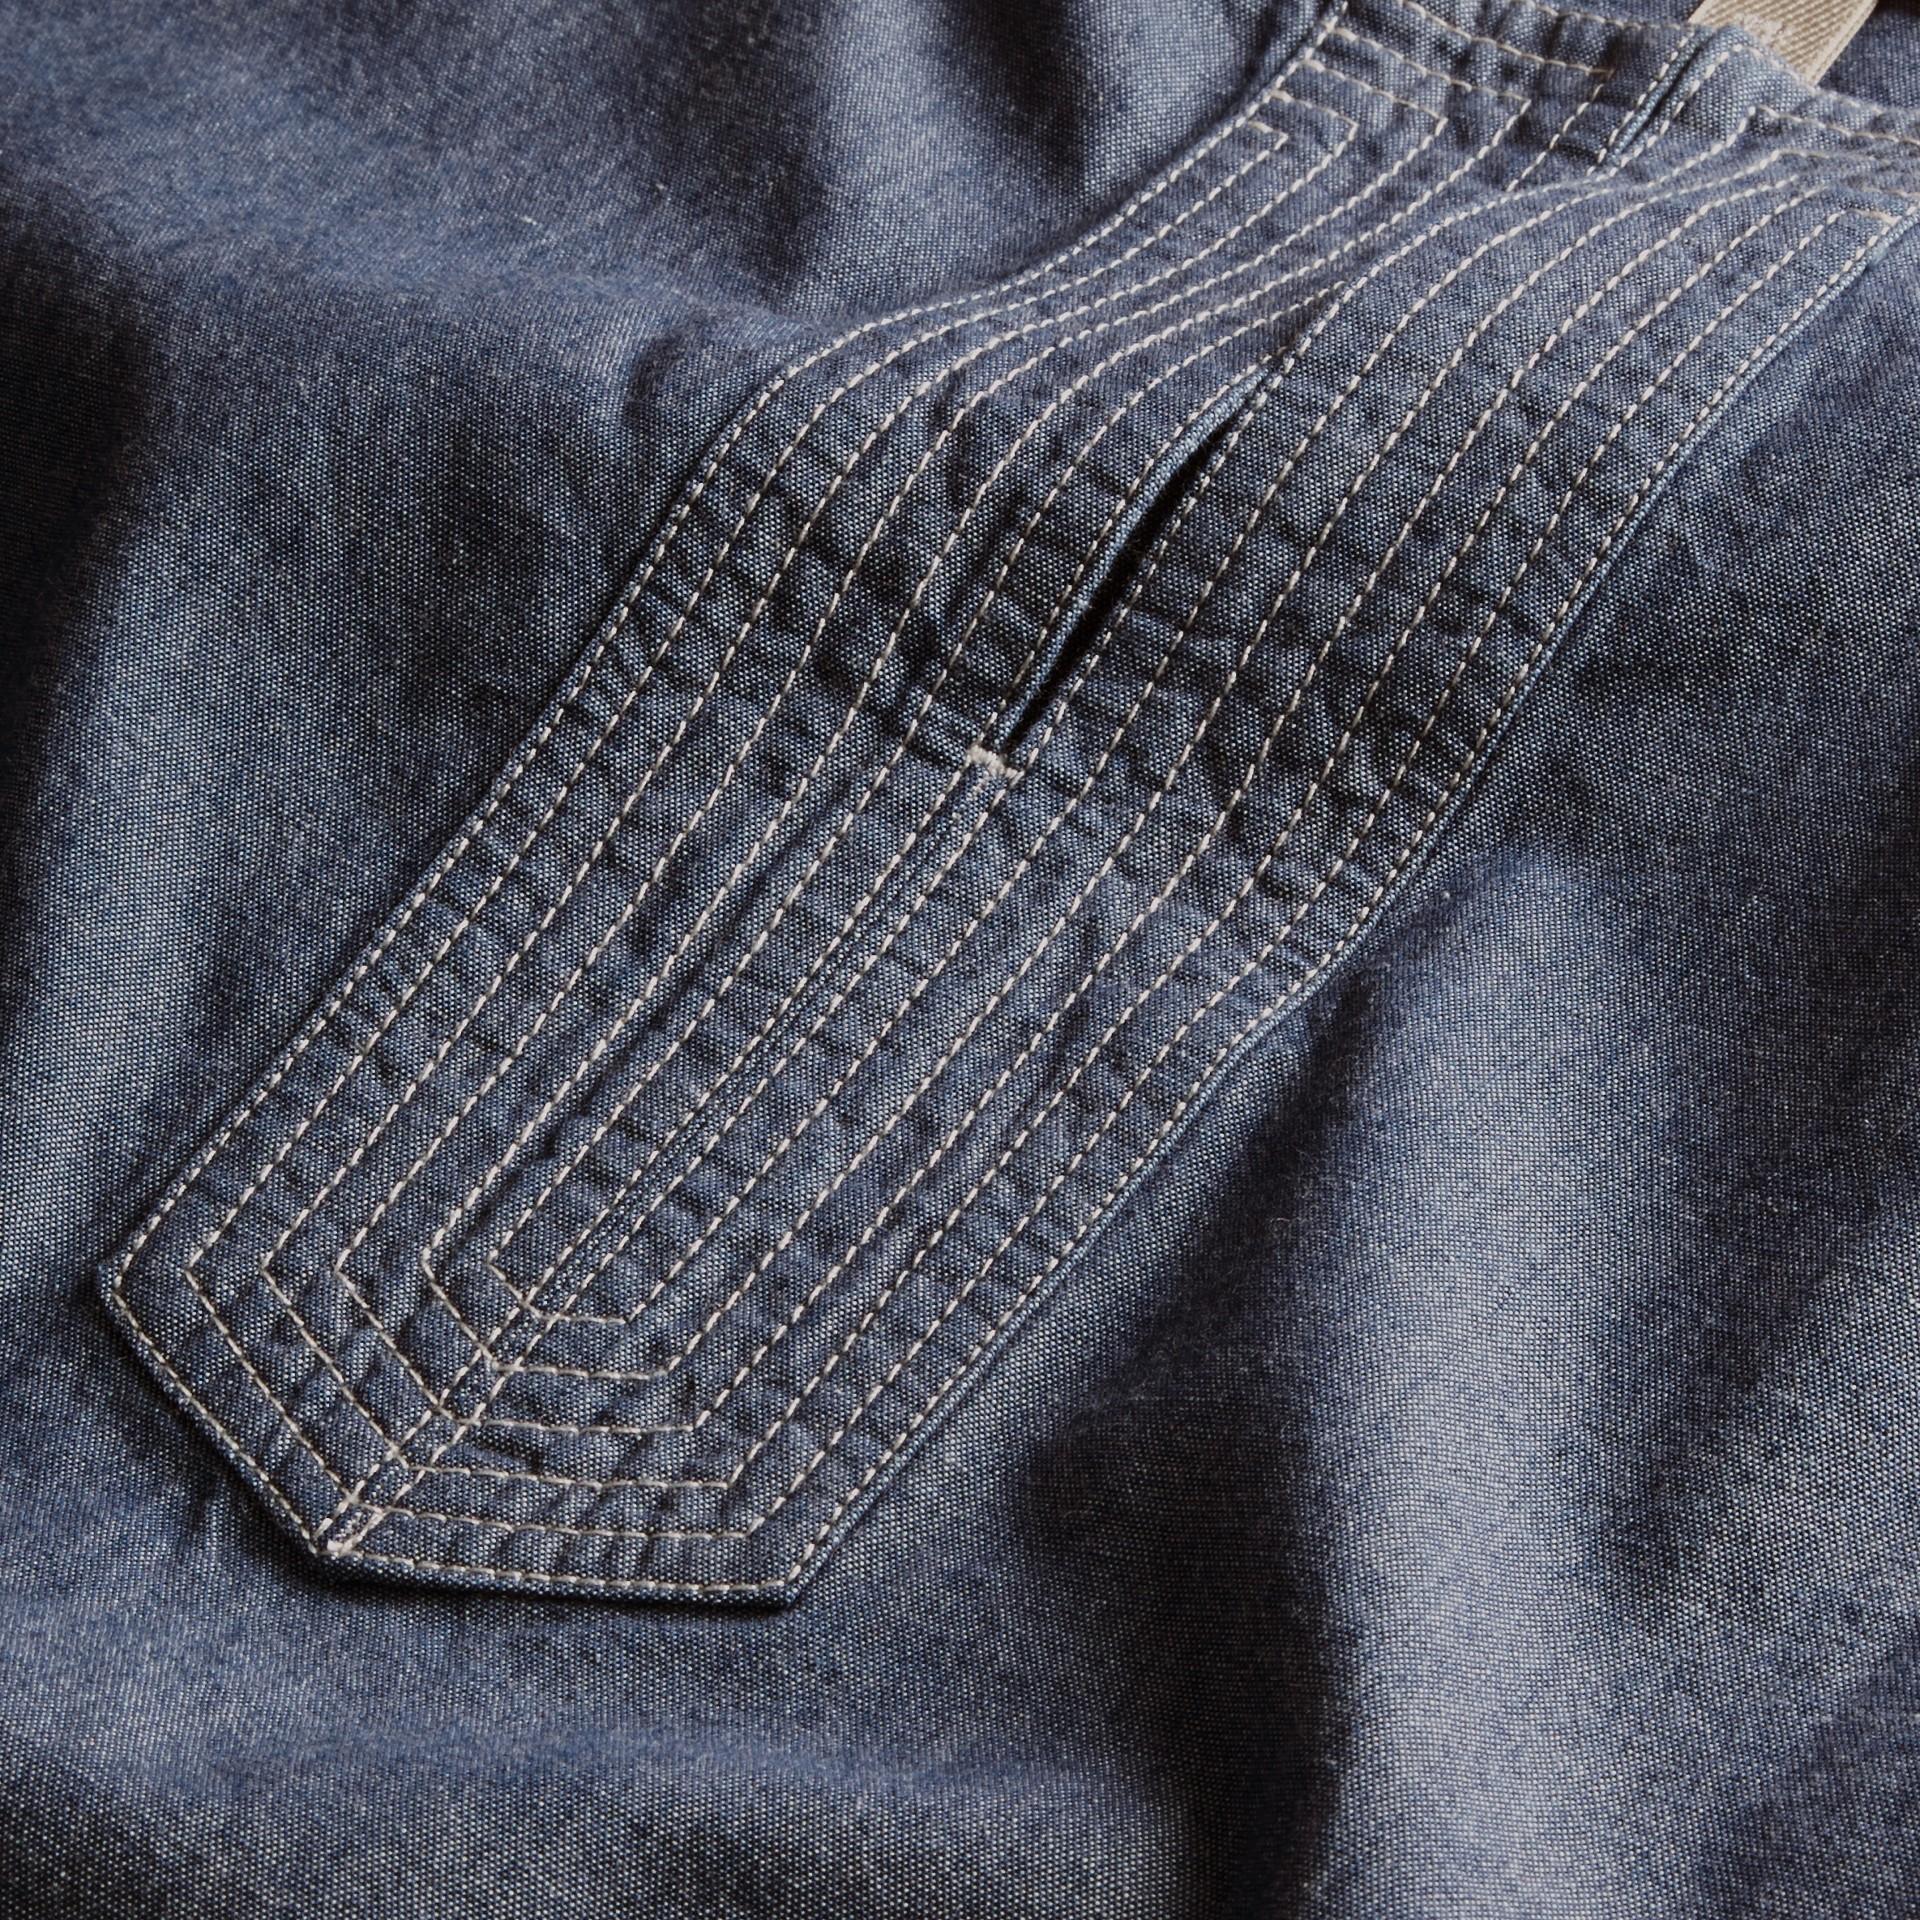 라이트 인디고 벨트 쇼트 슬리브 샴브레이 코튼 드레스 - 갤러리 이미지 2